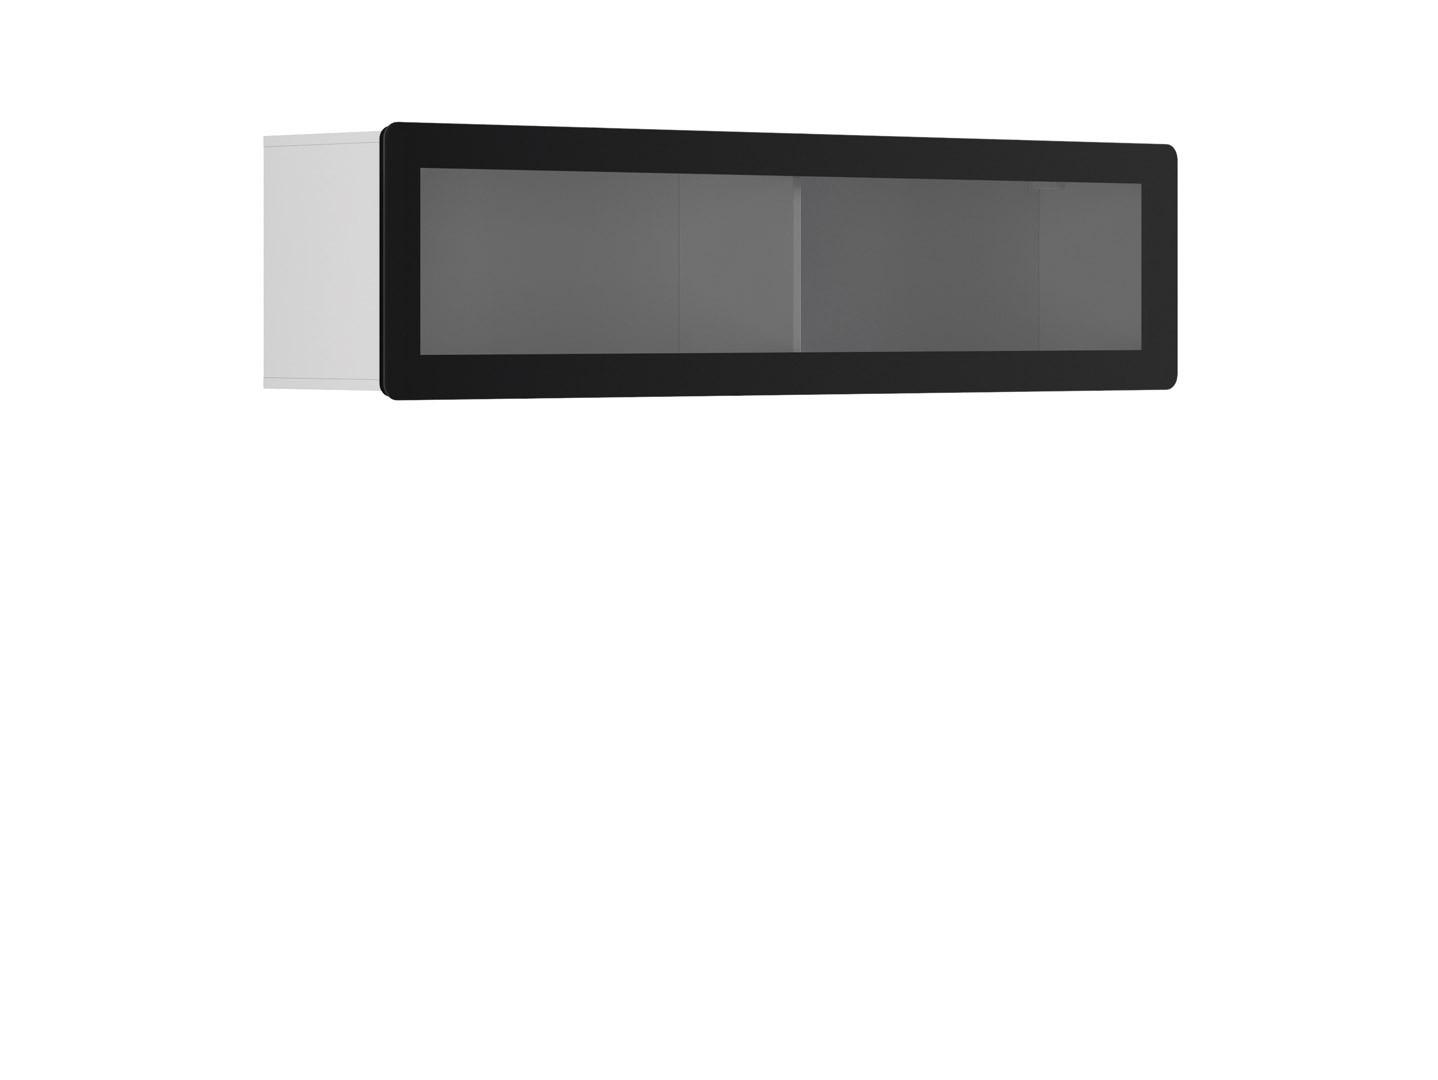 Vitrína na zeď - BRW - Possi Light - SFW1WK/4/16 (bílá) (s osvětlením)